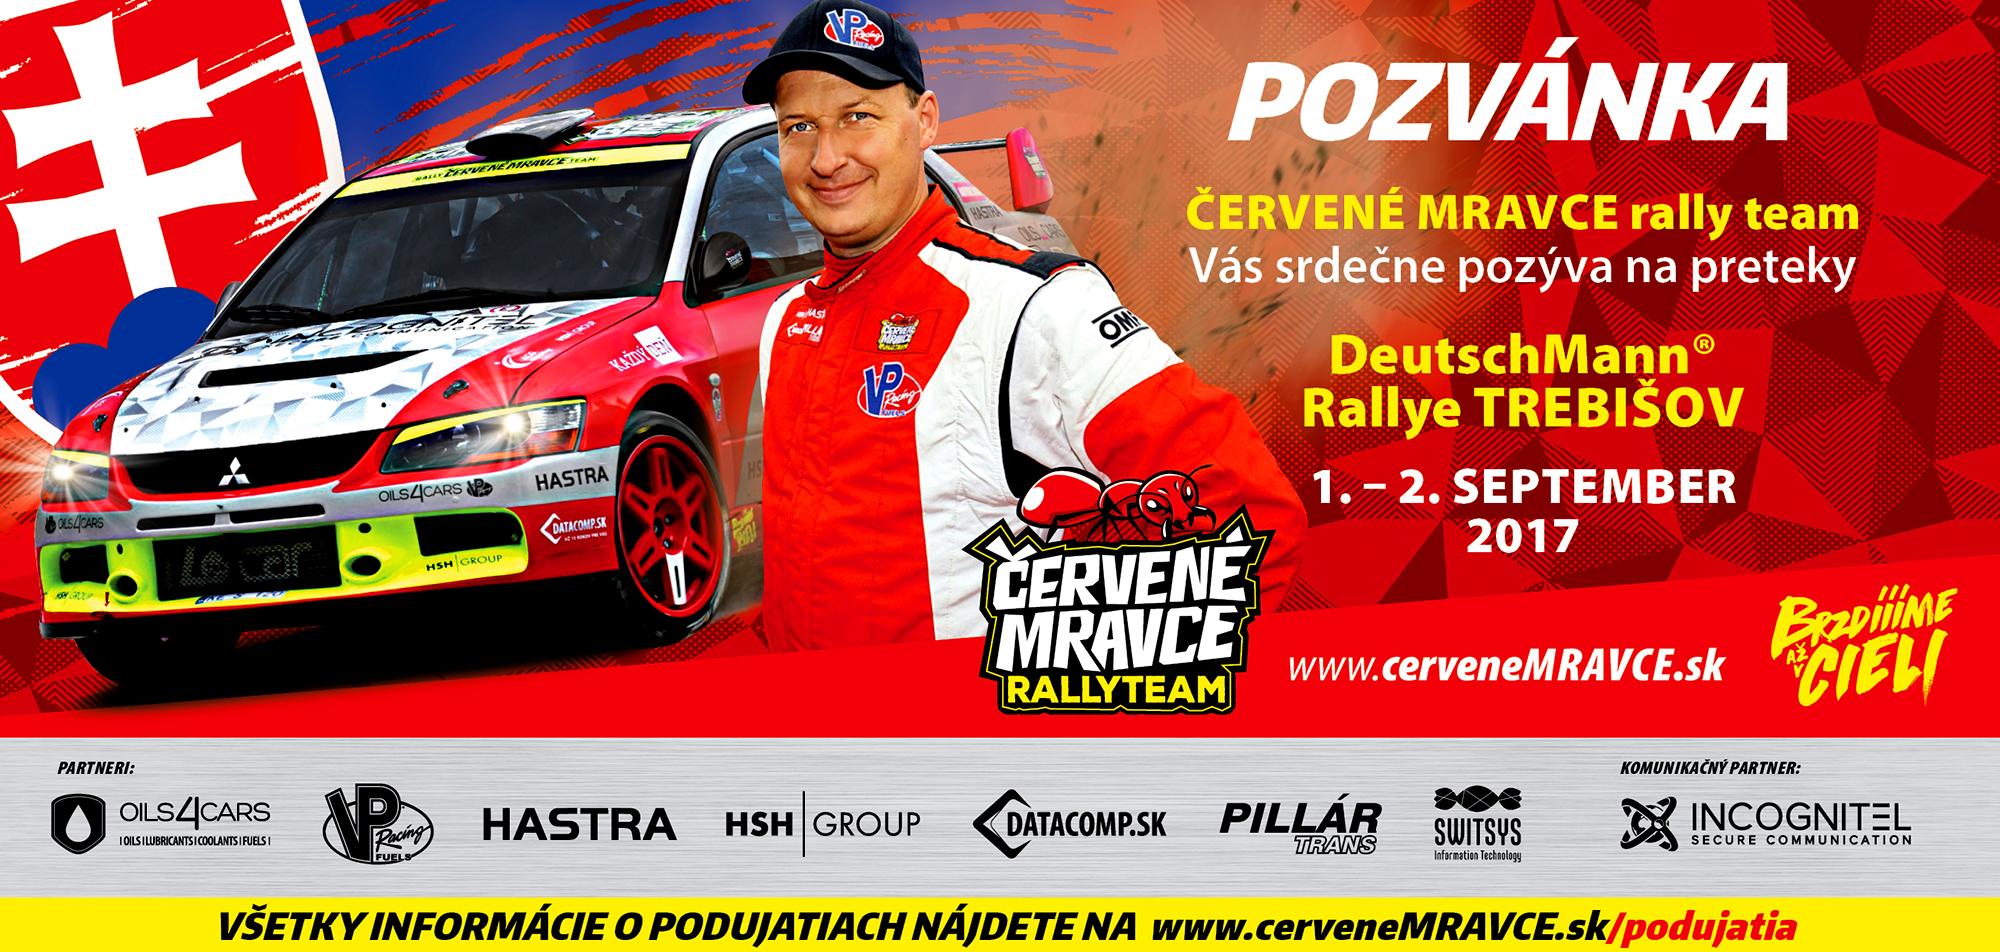 Pozvánka na DeutschMann® Rallye Trebišov